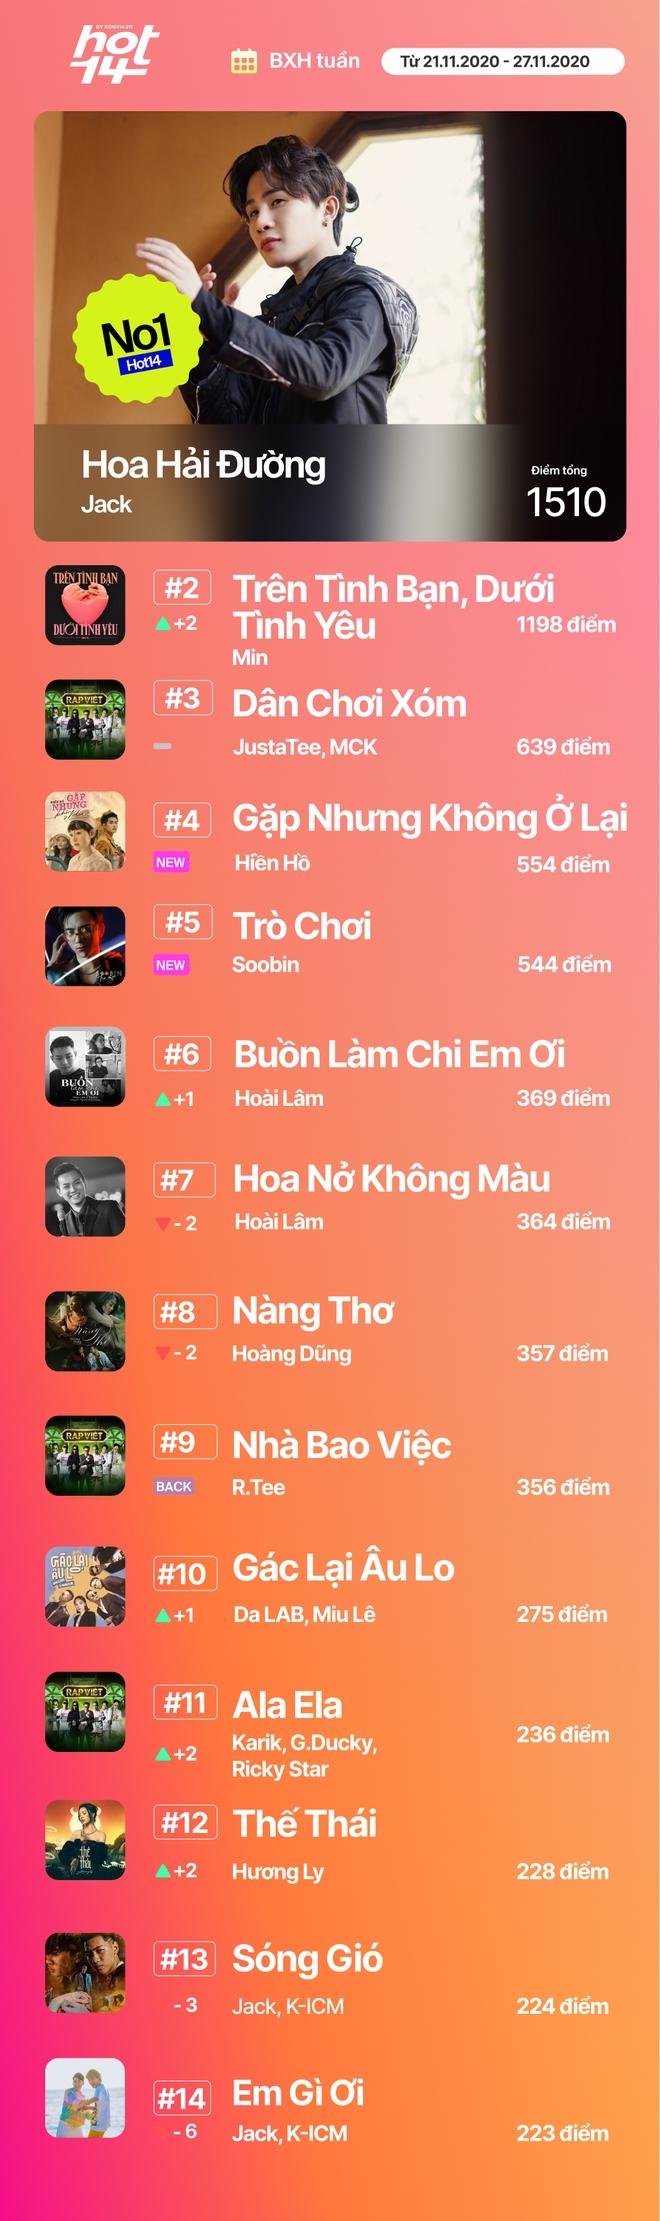 Jack giành lại no.1 từ Min sau 2 tuần, Hiền Hồ cùng Soobin đua tranh gay gắt trong top 5 BXH HOT14 - Ảnh 19.